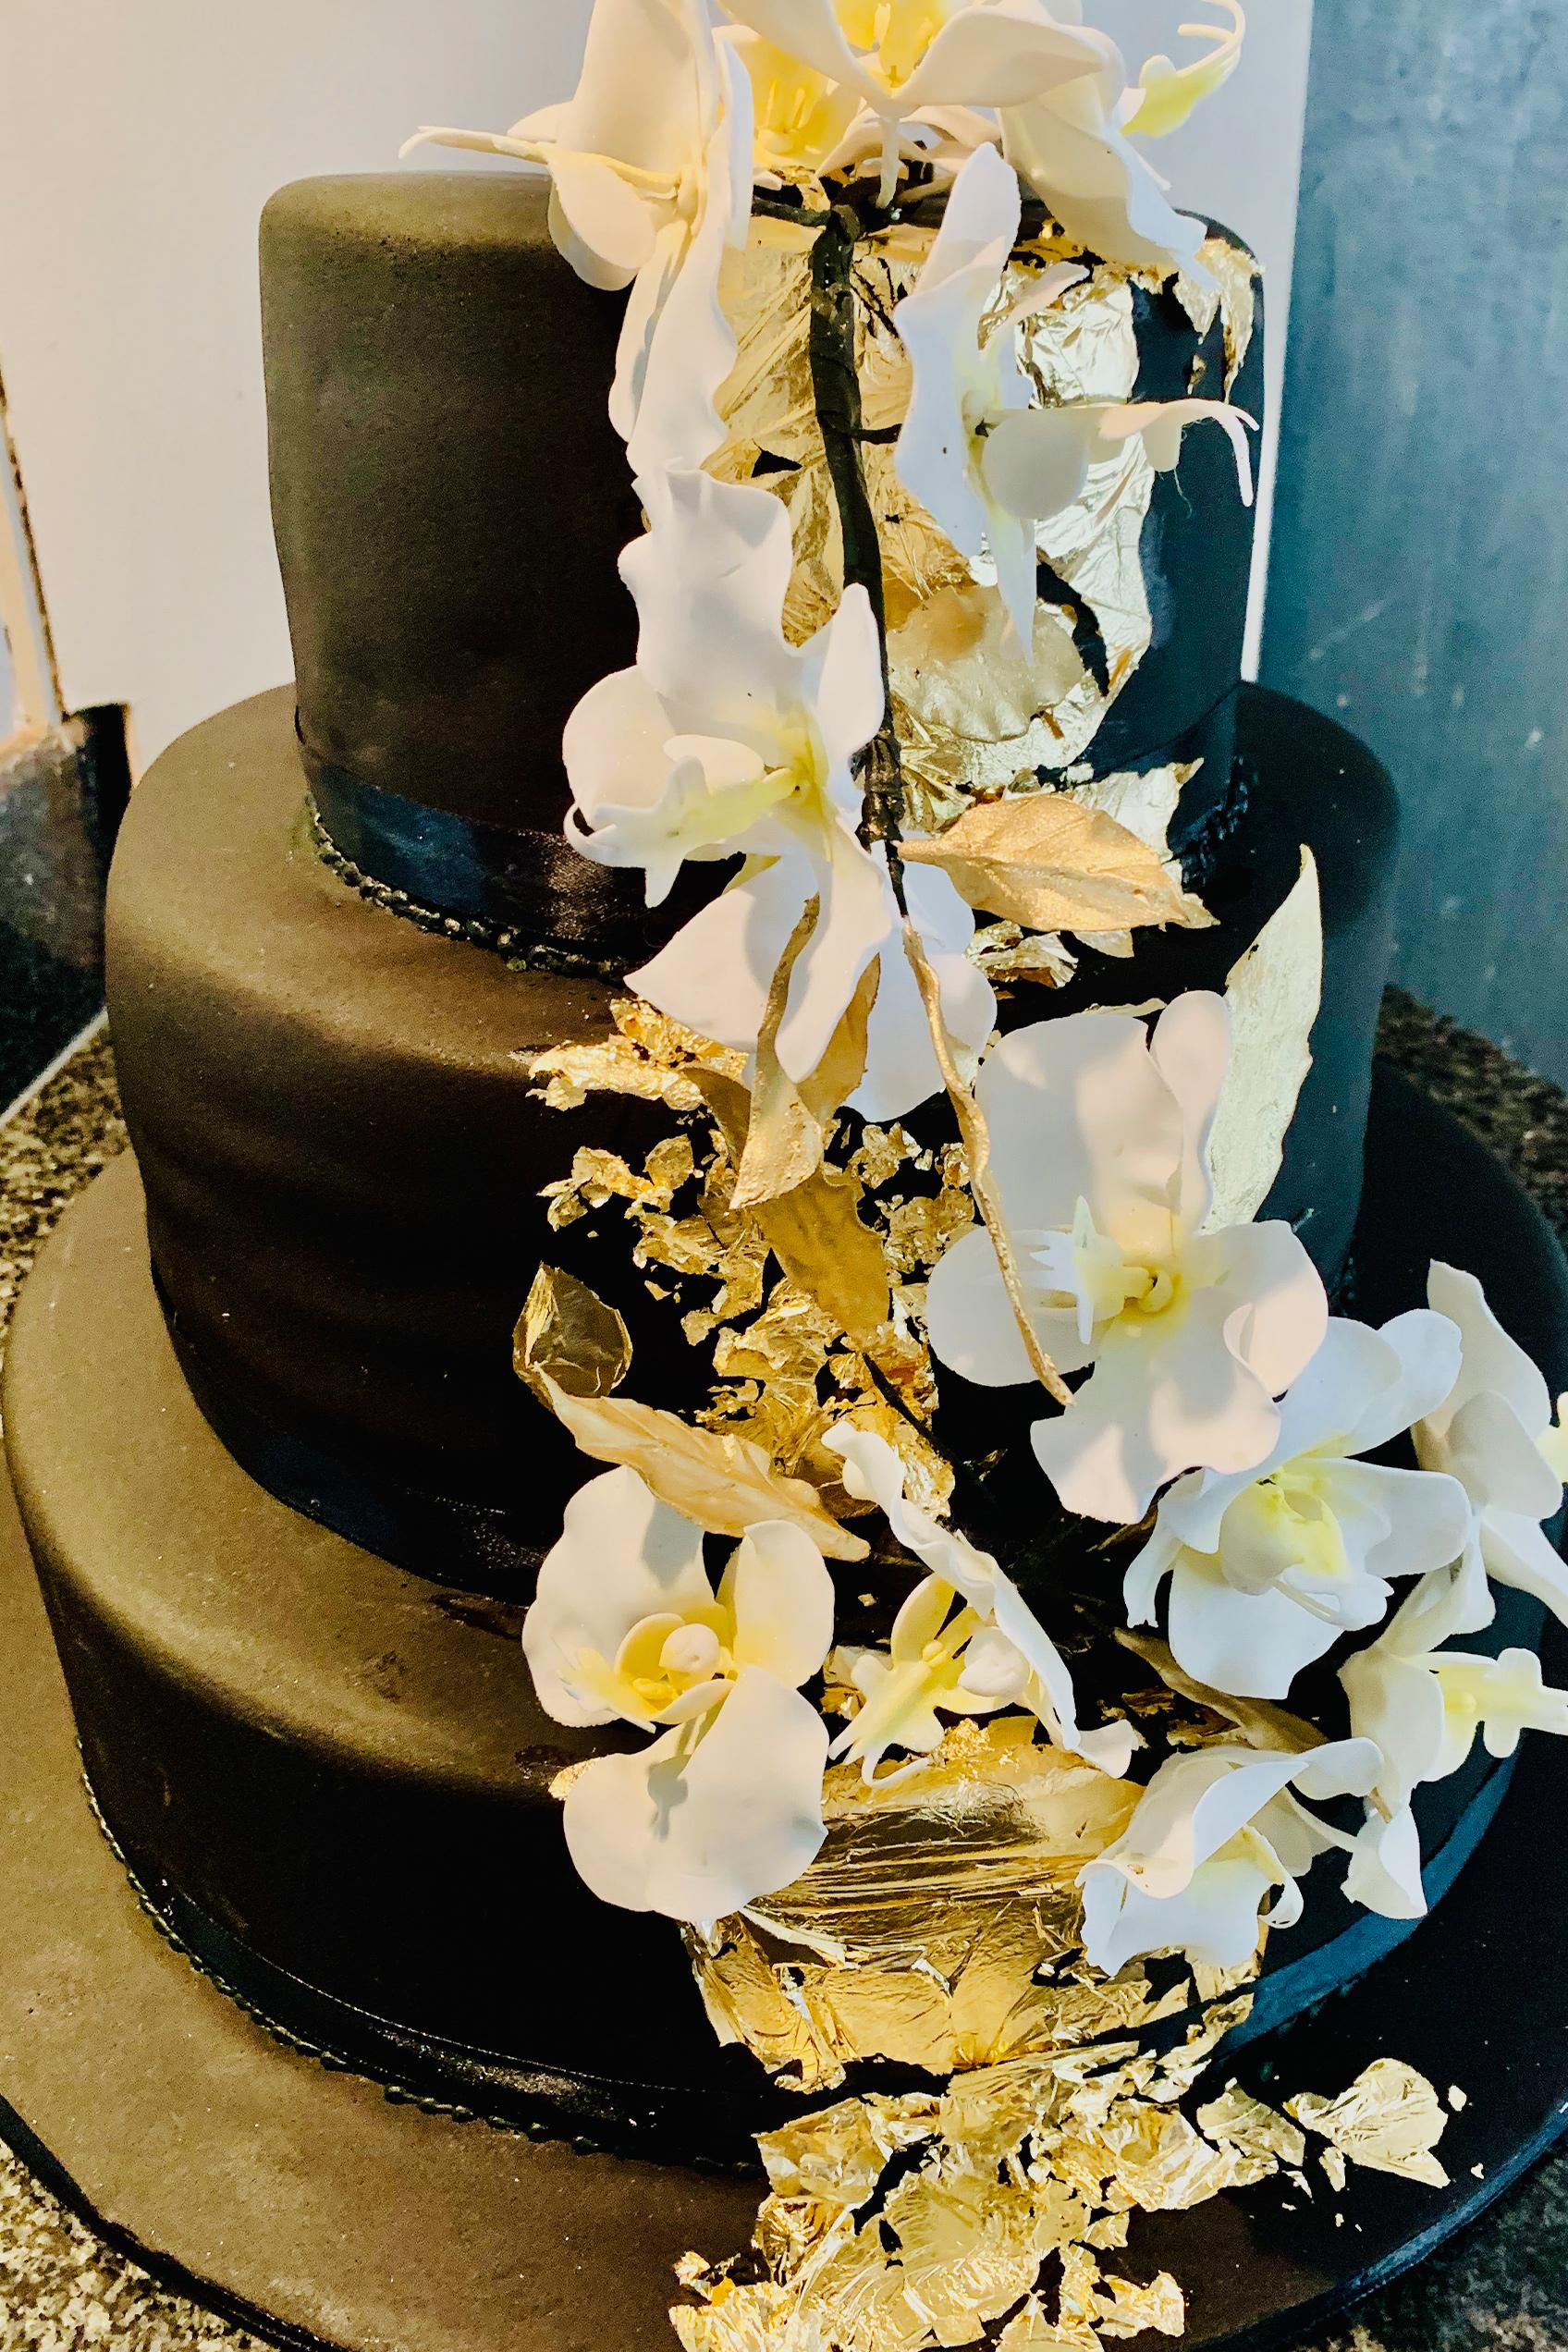 Best Bakes - Cakes & Desserts Pretoria